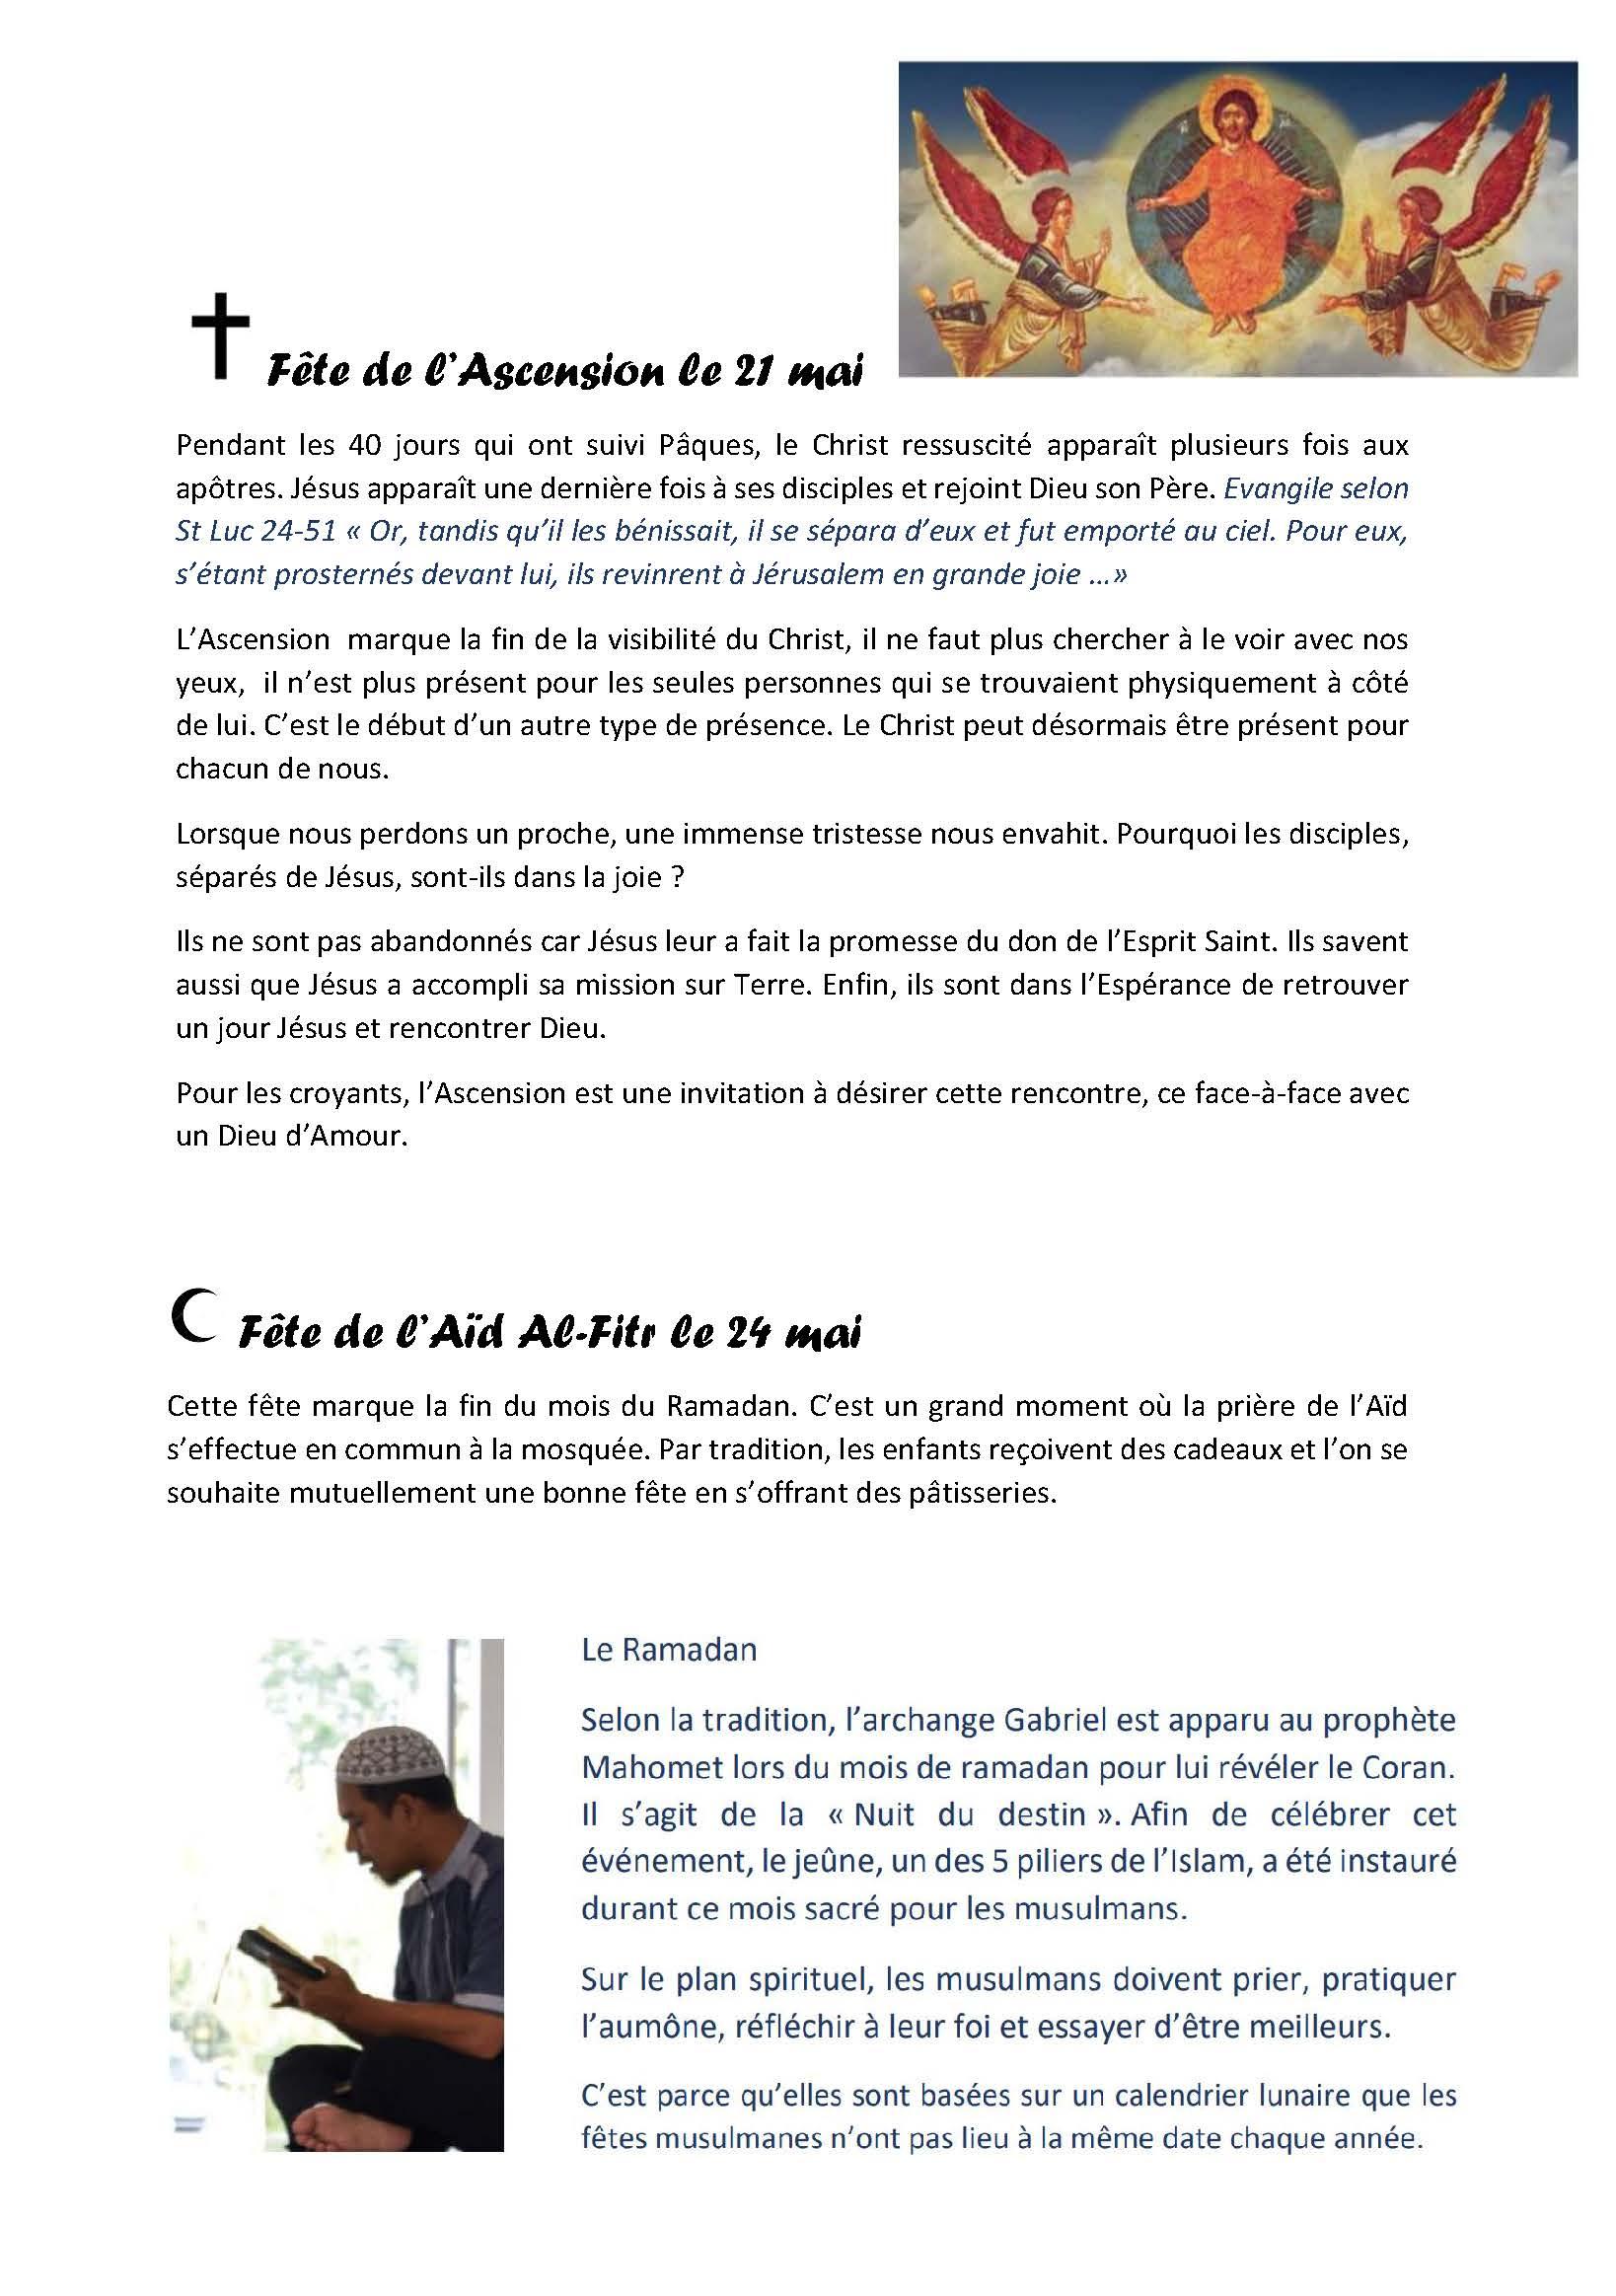 La gazette de la Pasto 20 mai (1)_Page_2